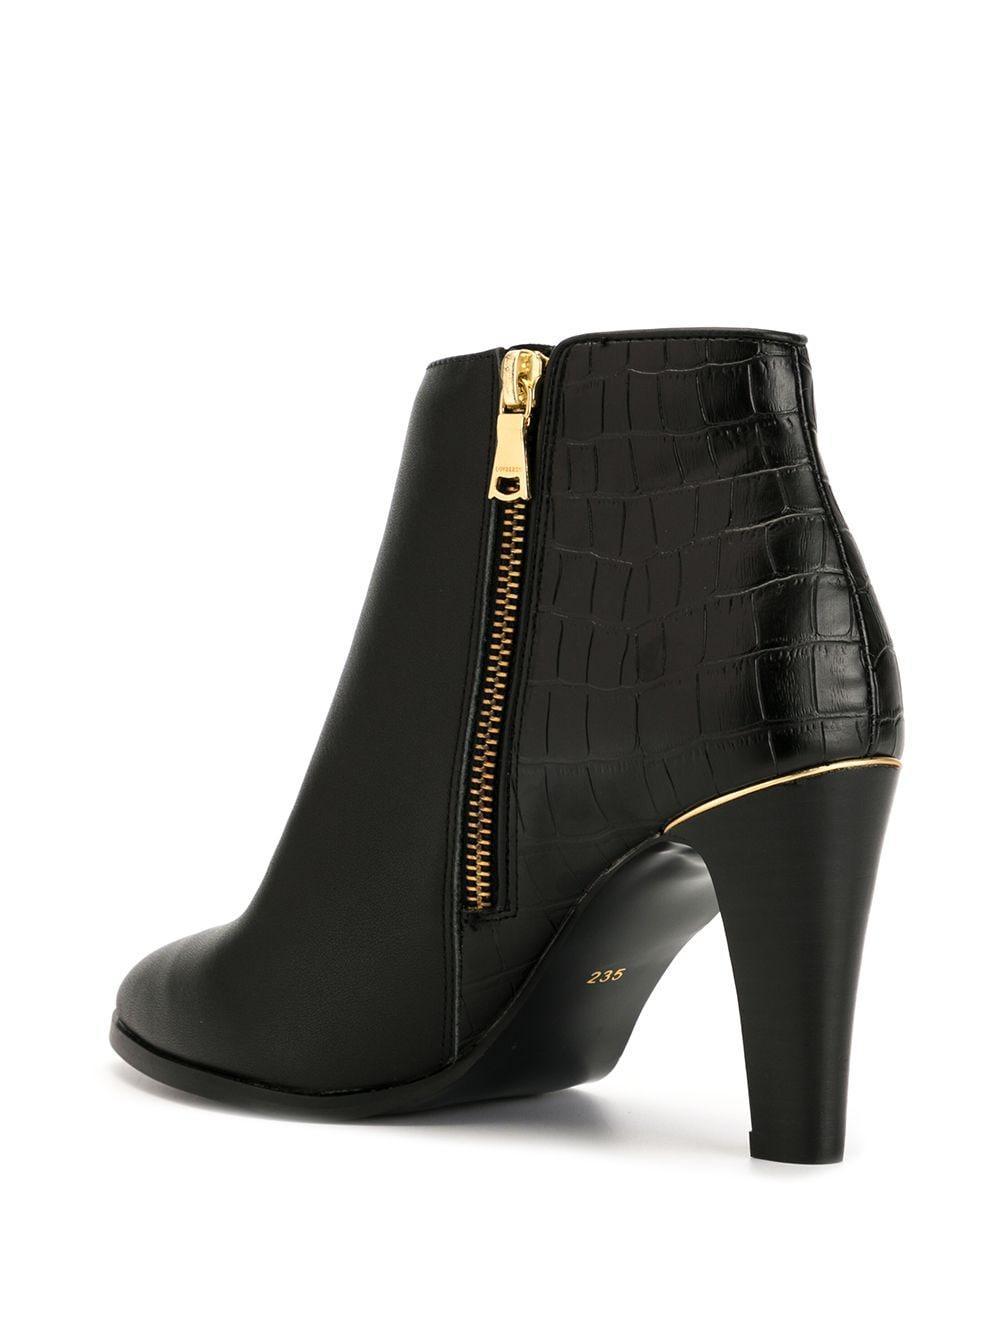 Botines con tacón alto Loveless de Cuero de color Negro